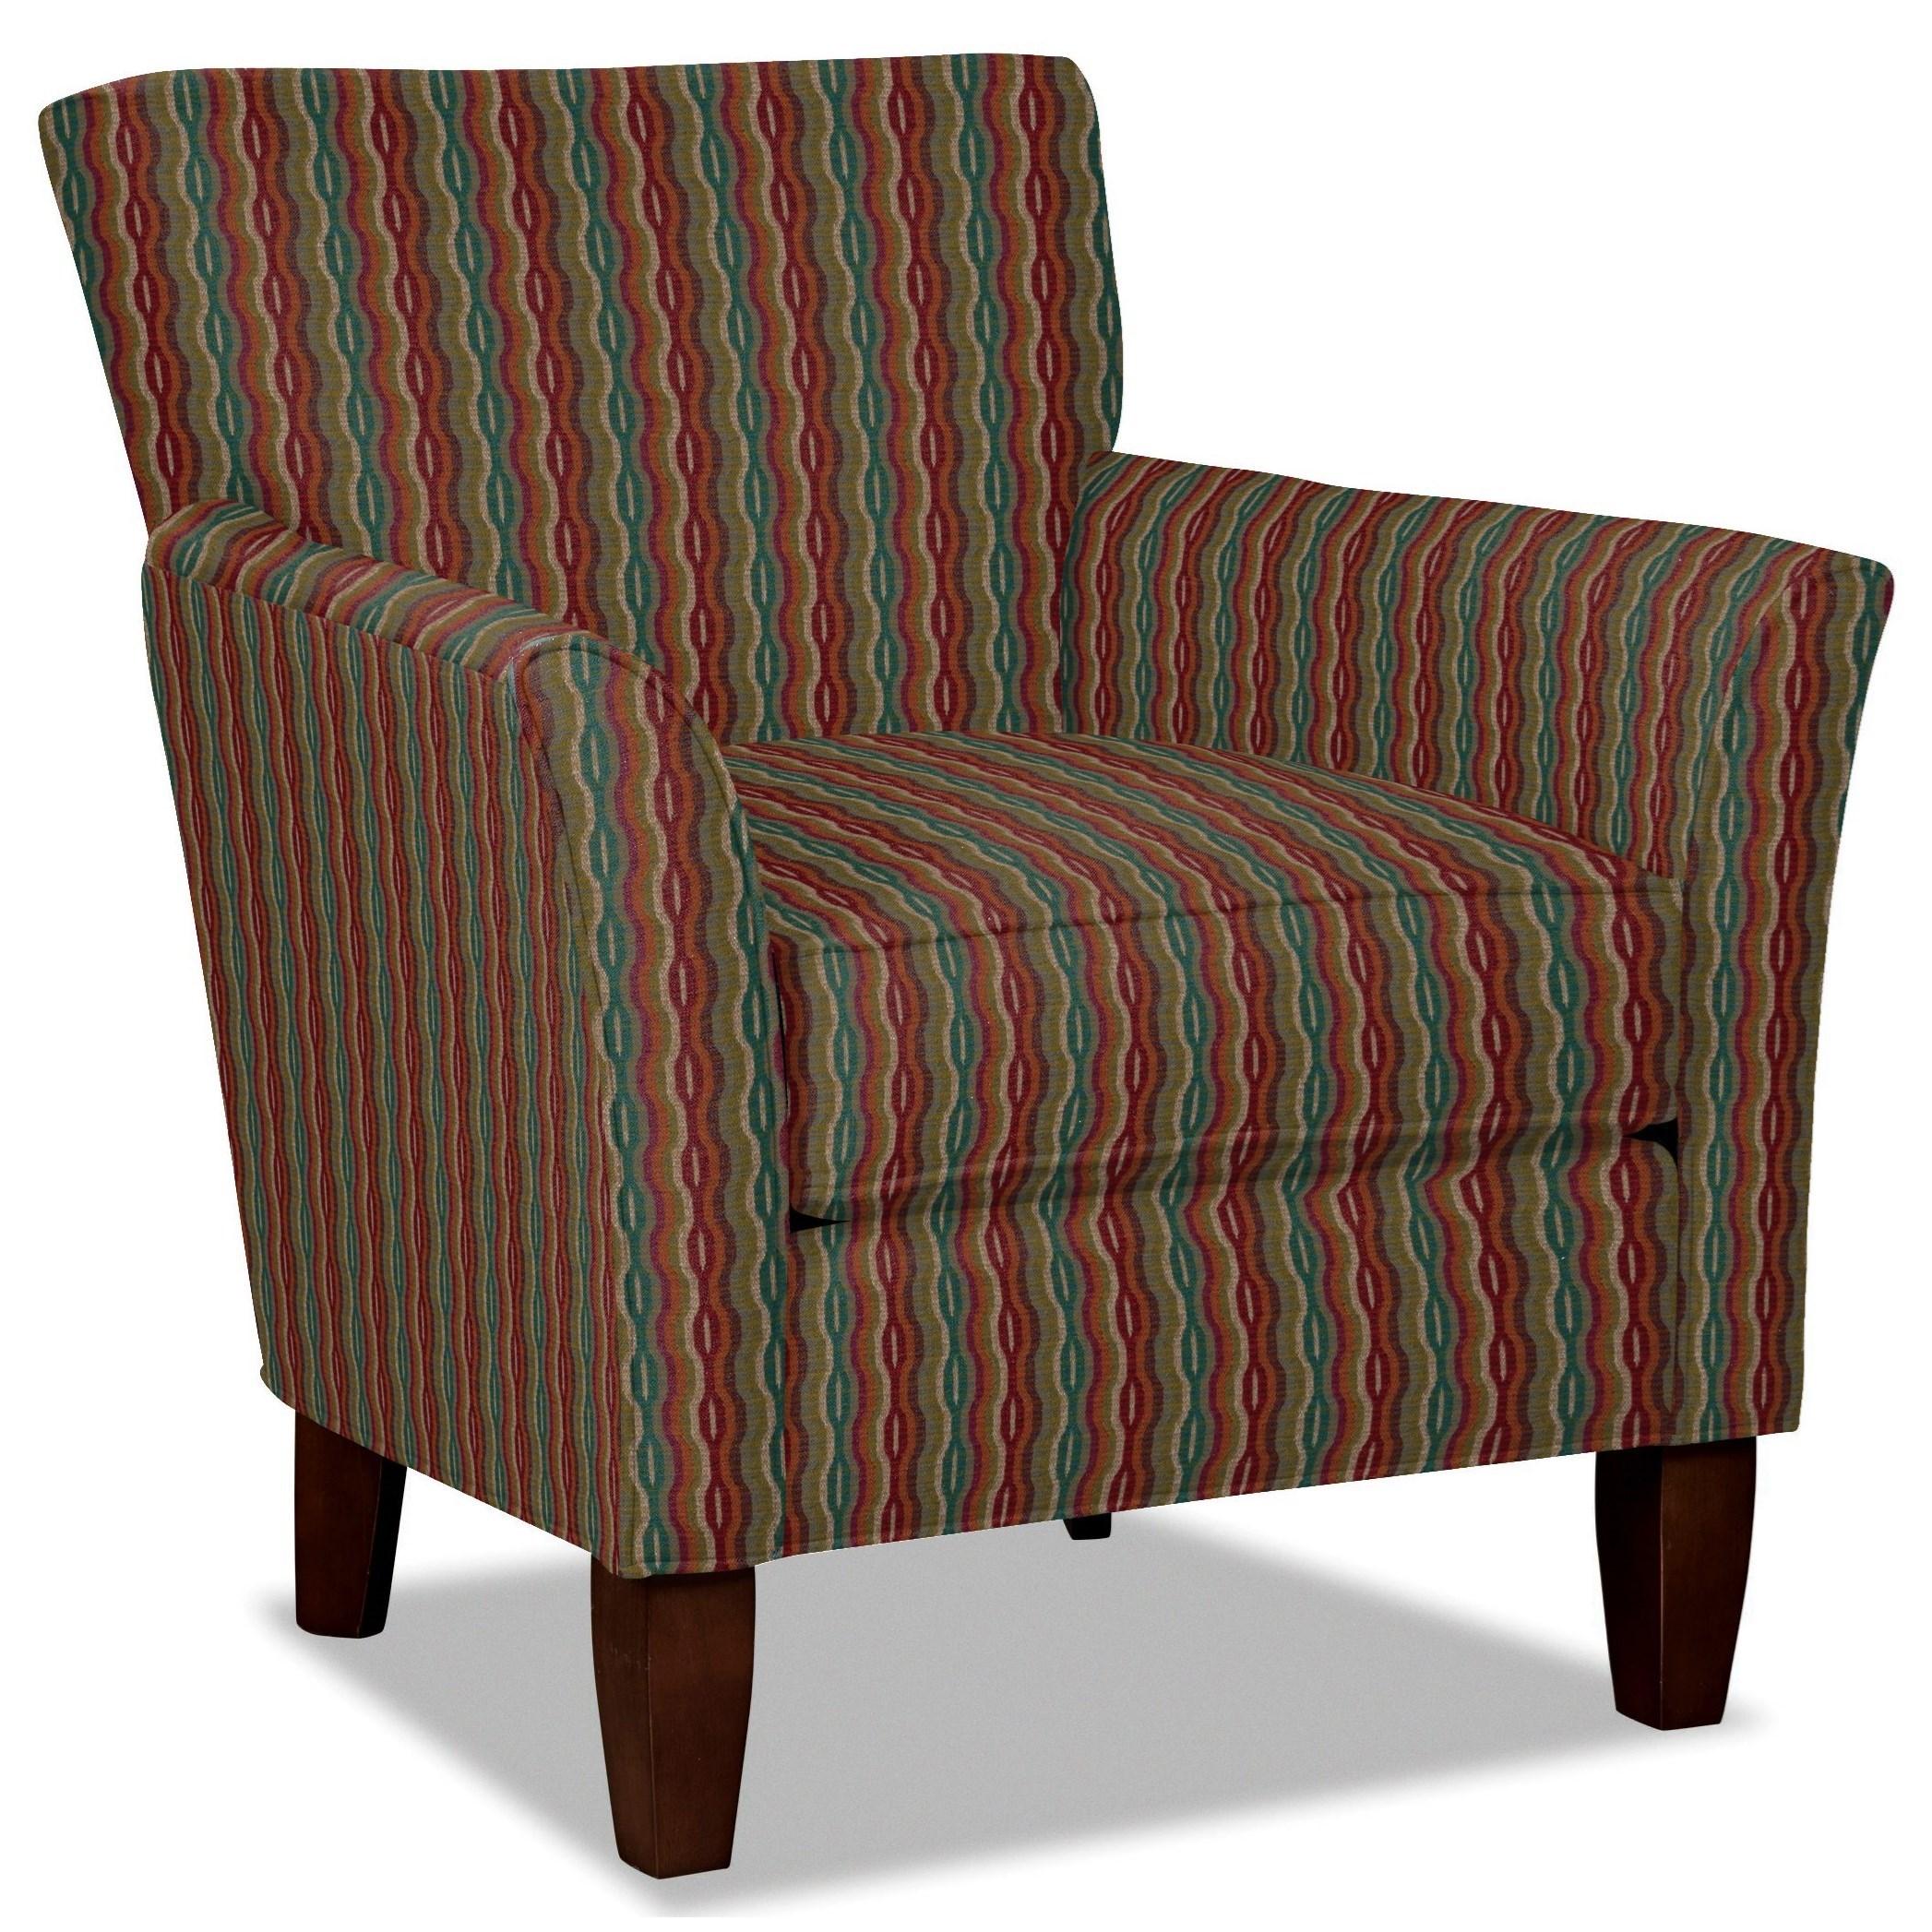 Craftmaster 060110 Accent Chair - Item Number: 060110-FIBEROPTIC-25